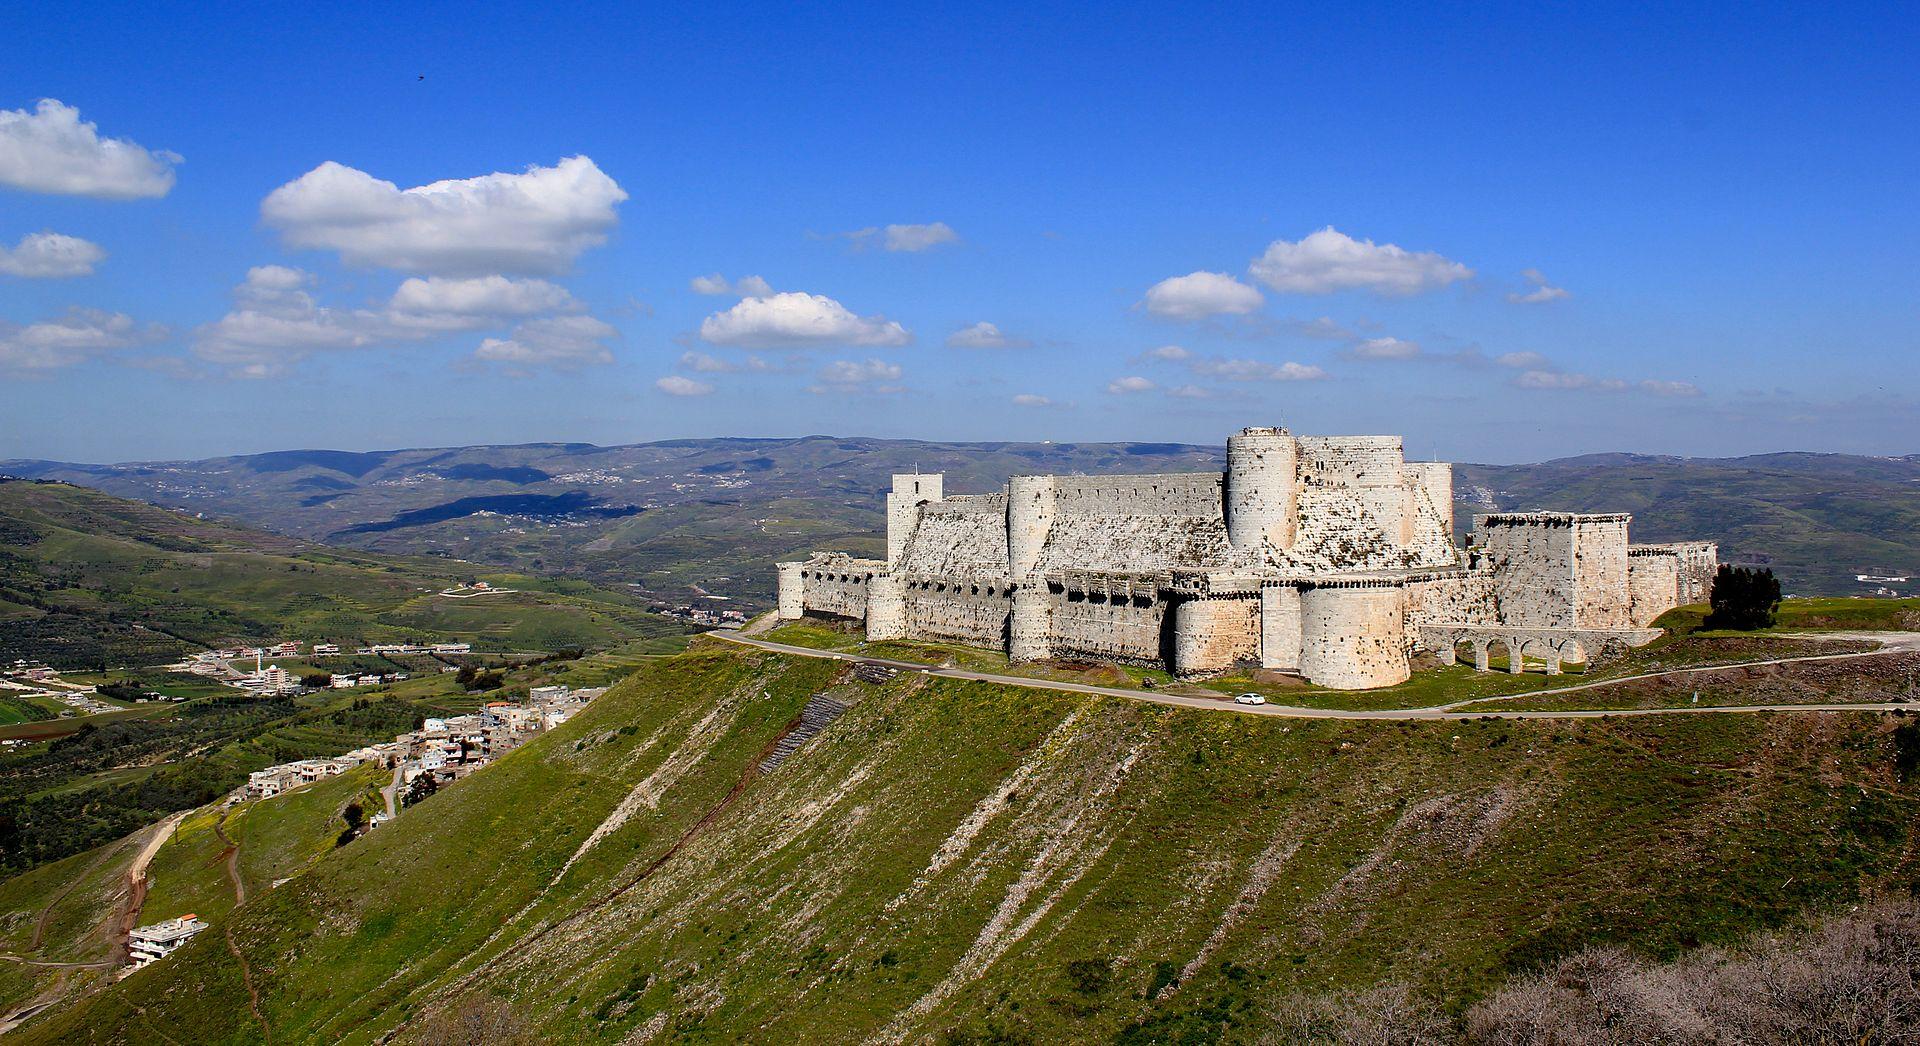 Le Krak hébergeait une garnison de 2 000 hommes et possédait des vivres pour cinq ans au XIIe siècle (c) DR